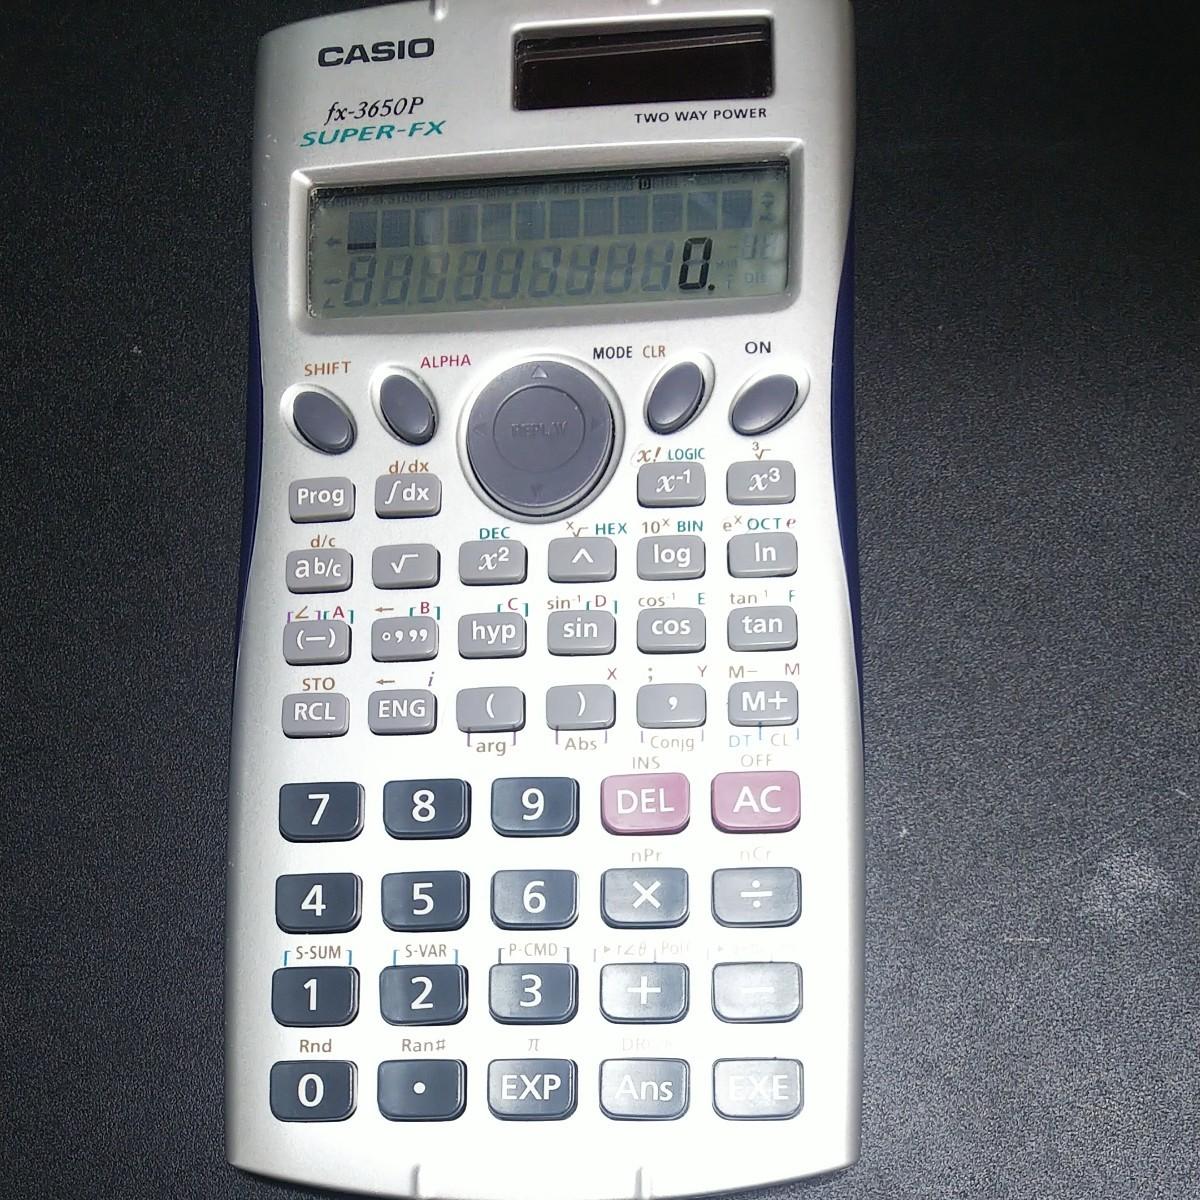 CASIO カシオ 関数電卓 fx-3650p SUPER-FX